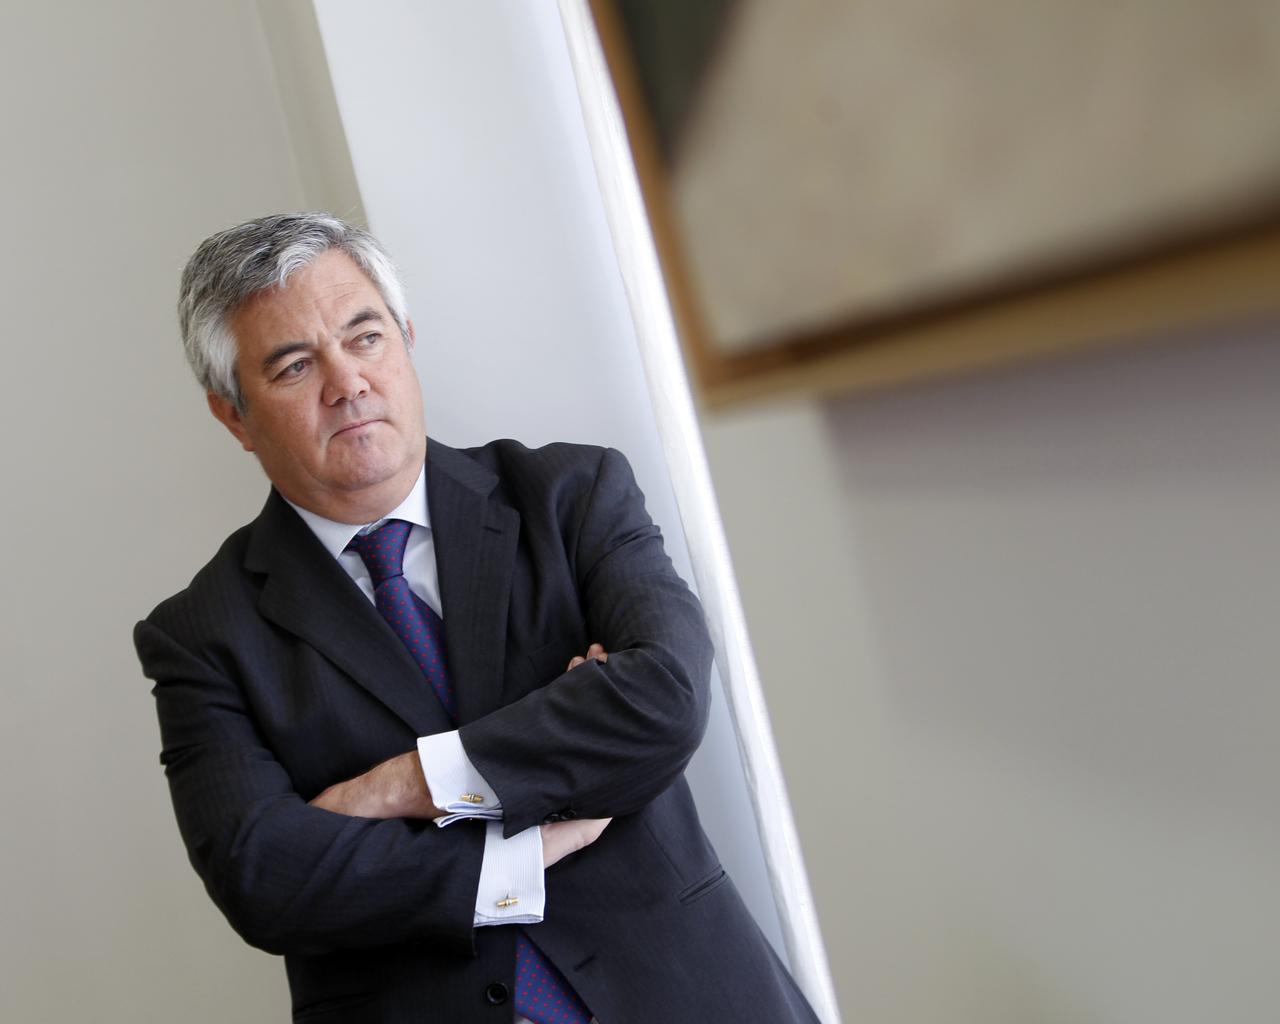 Santiago Satrústegui - CEO de Abante y vicepresidente de EFPA España